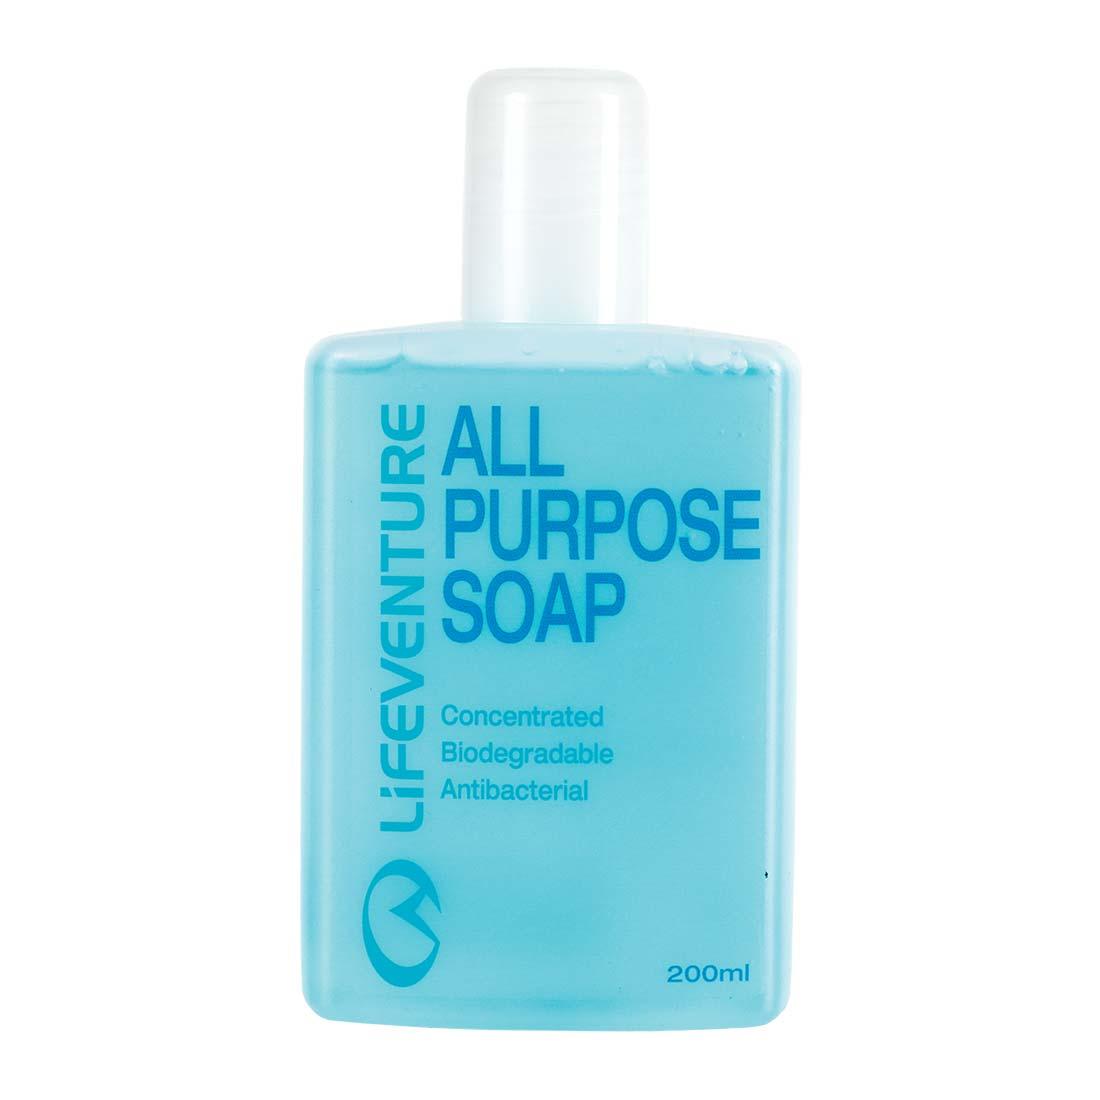 All Purpose Soap (200ml)